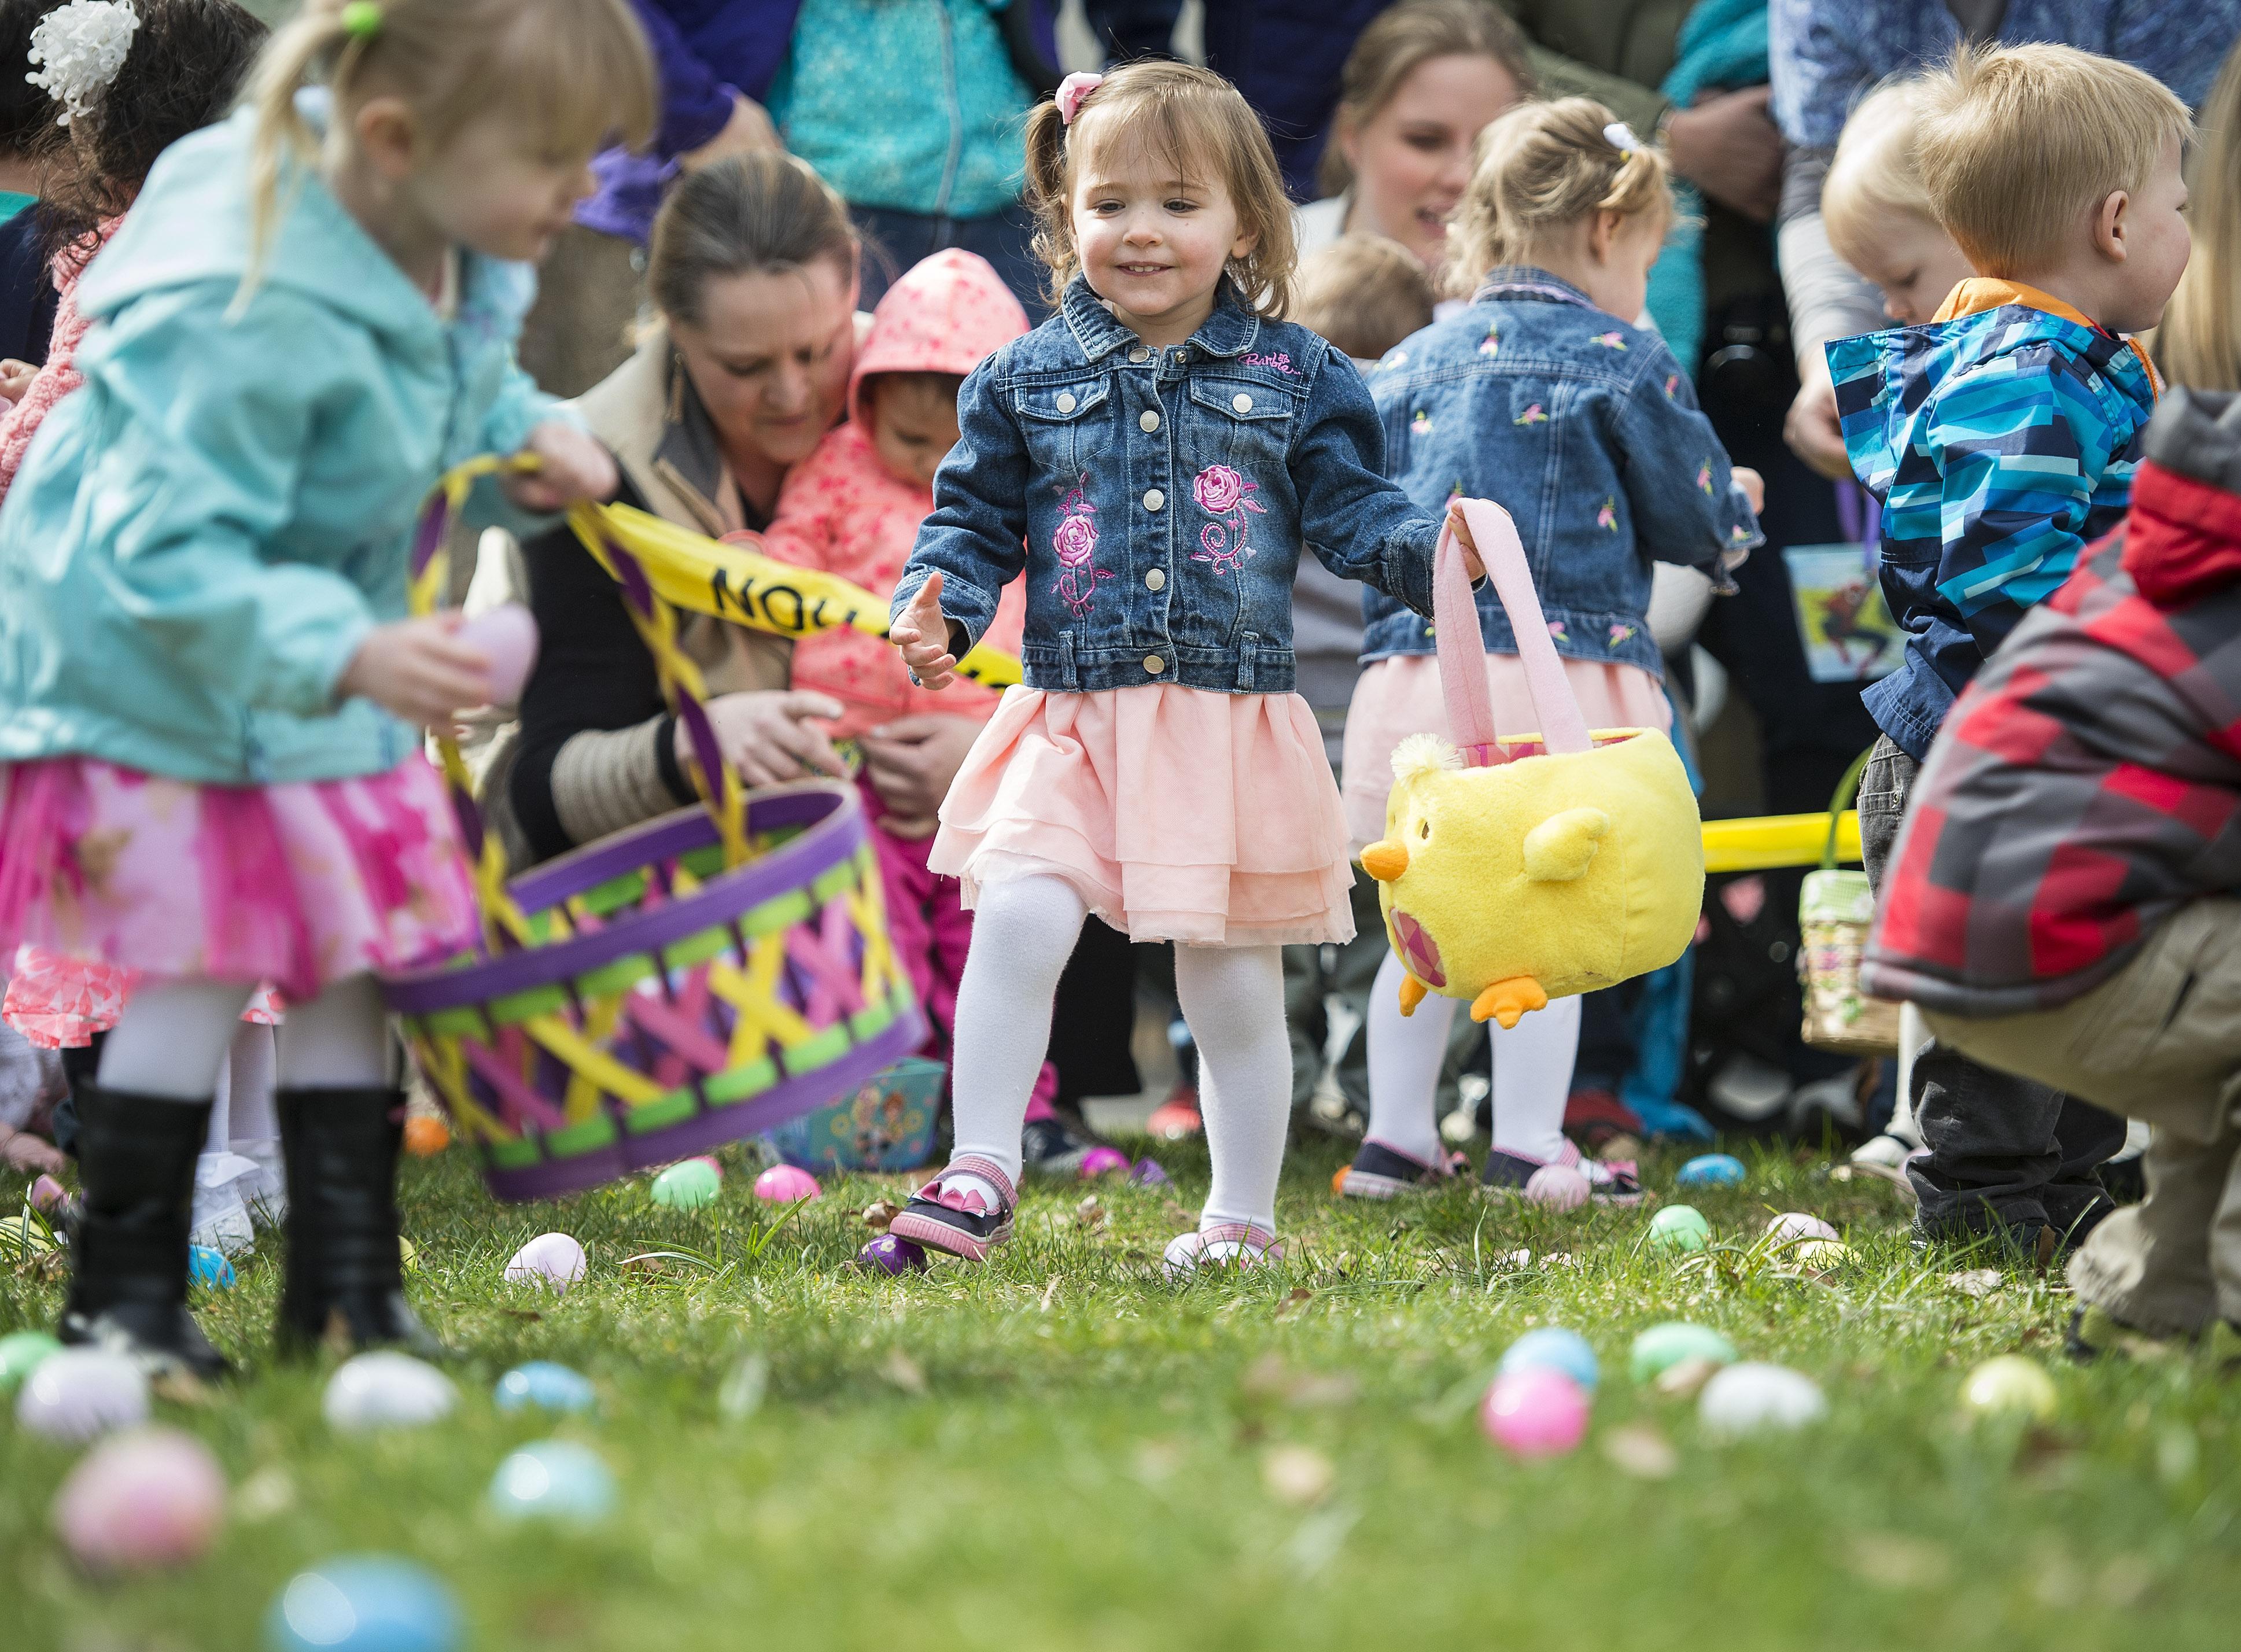 Hundreds gather for Riverfront Park Easter egg hunt | The ...